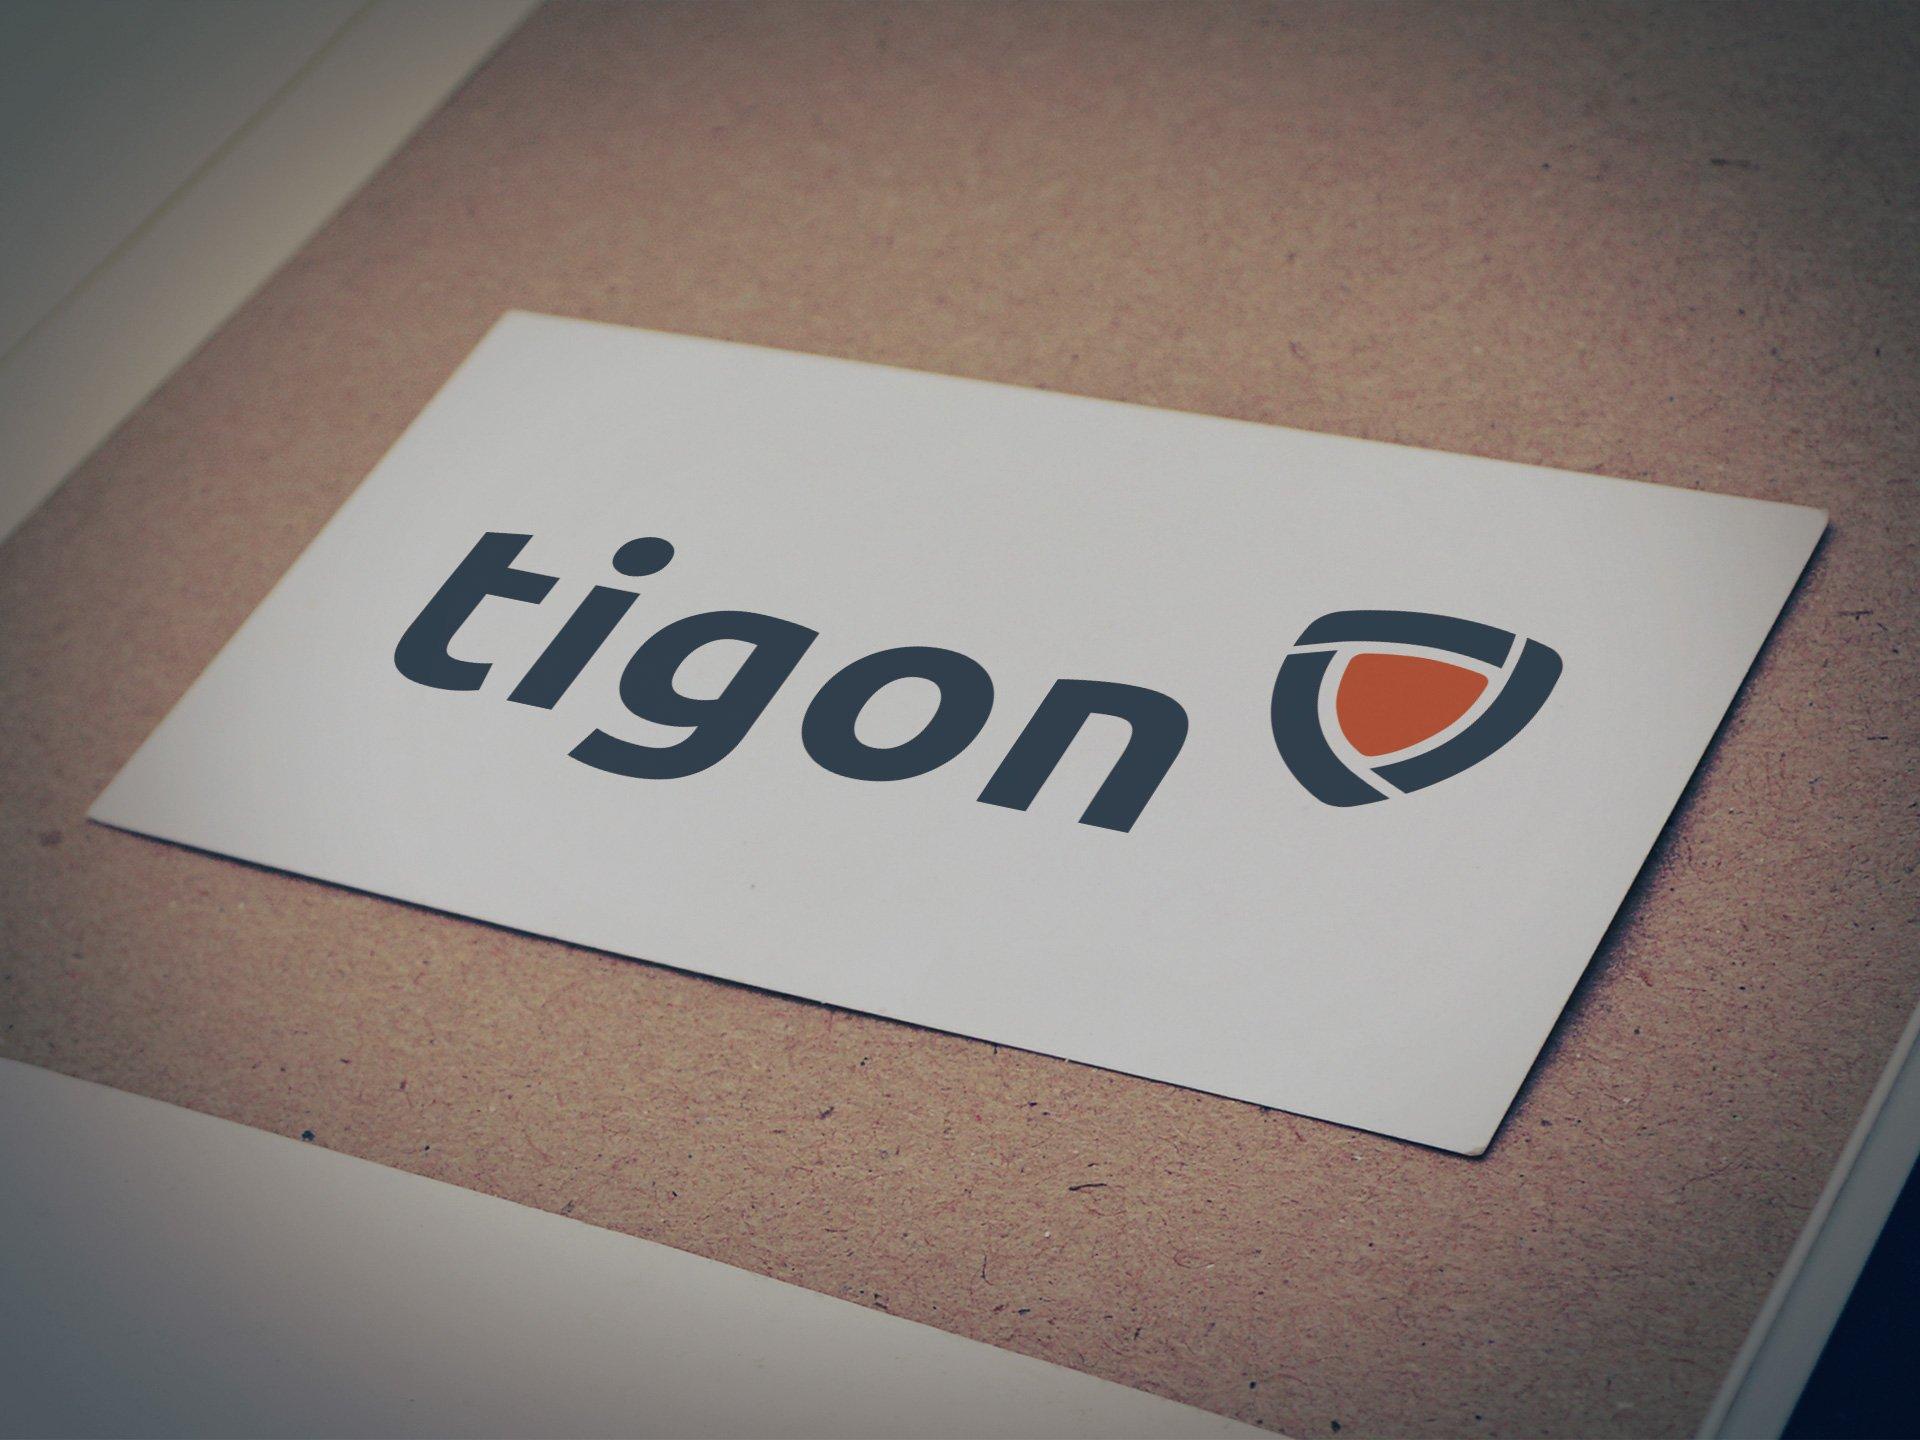 Tigon Logo - Designed by Casper Creative